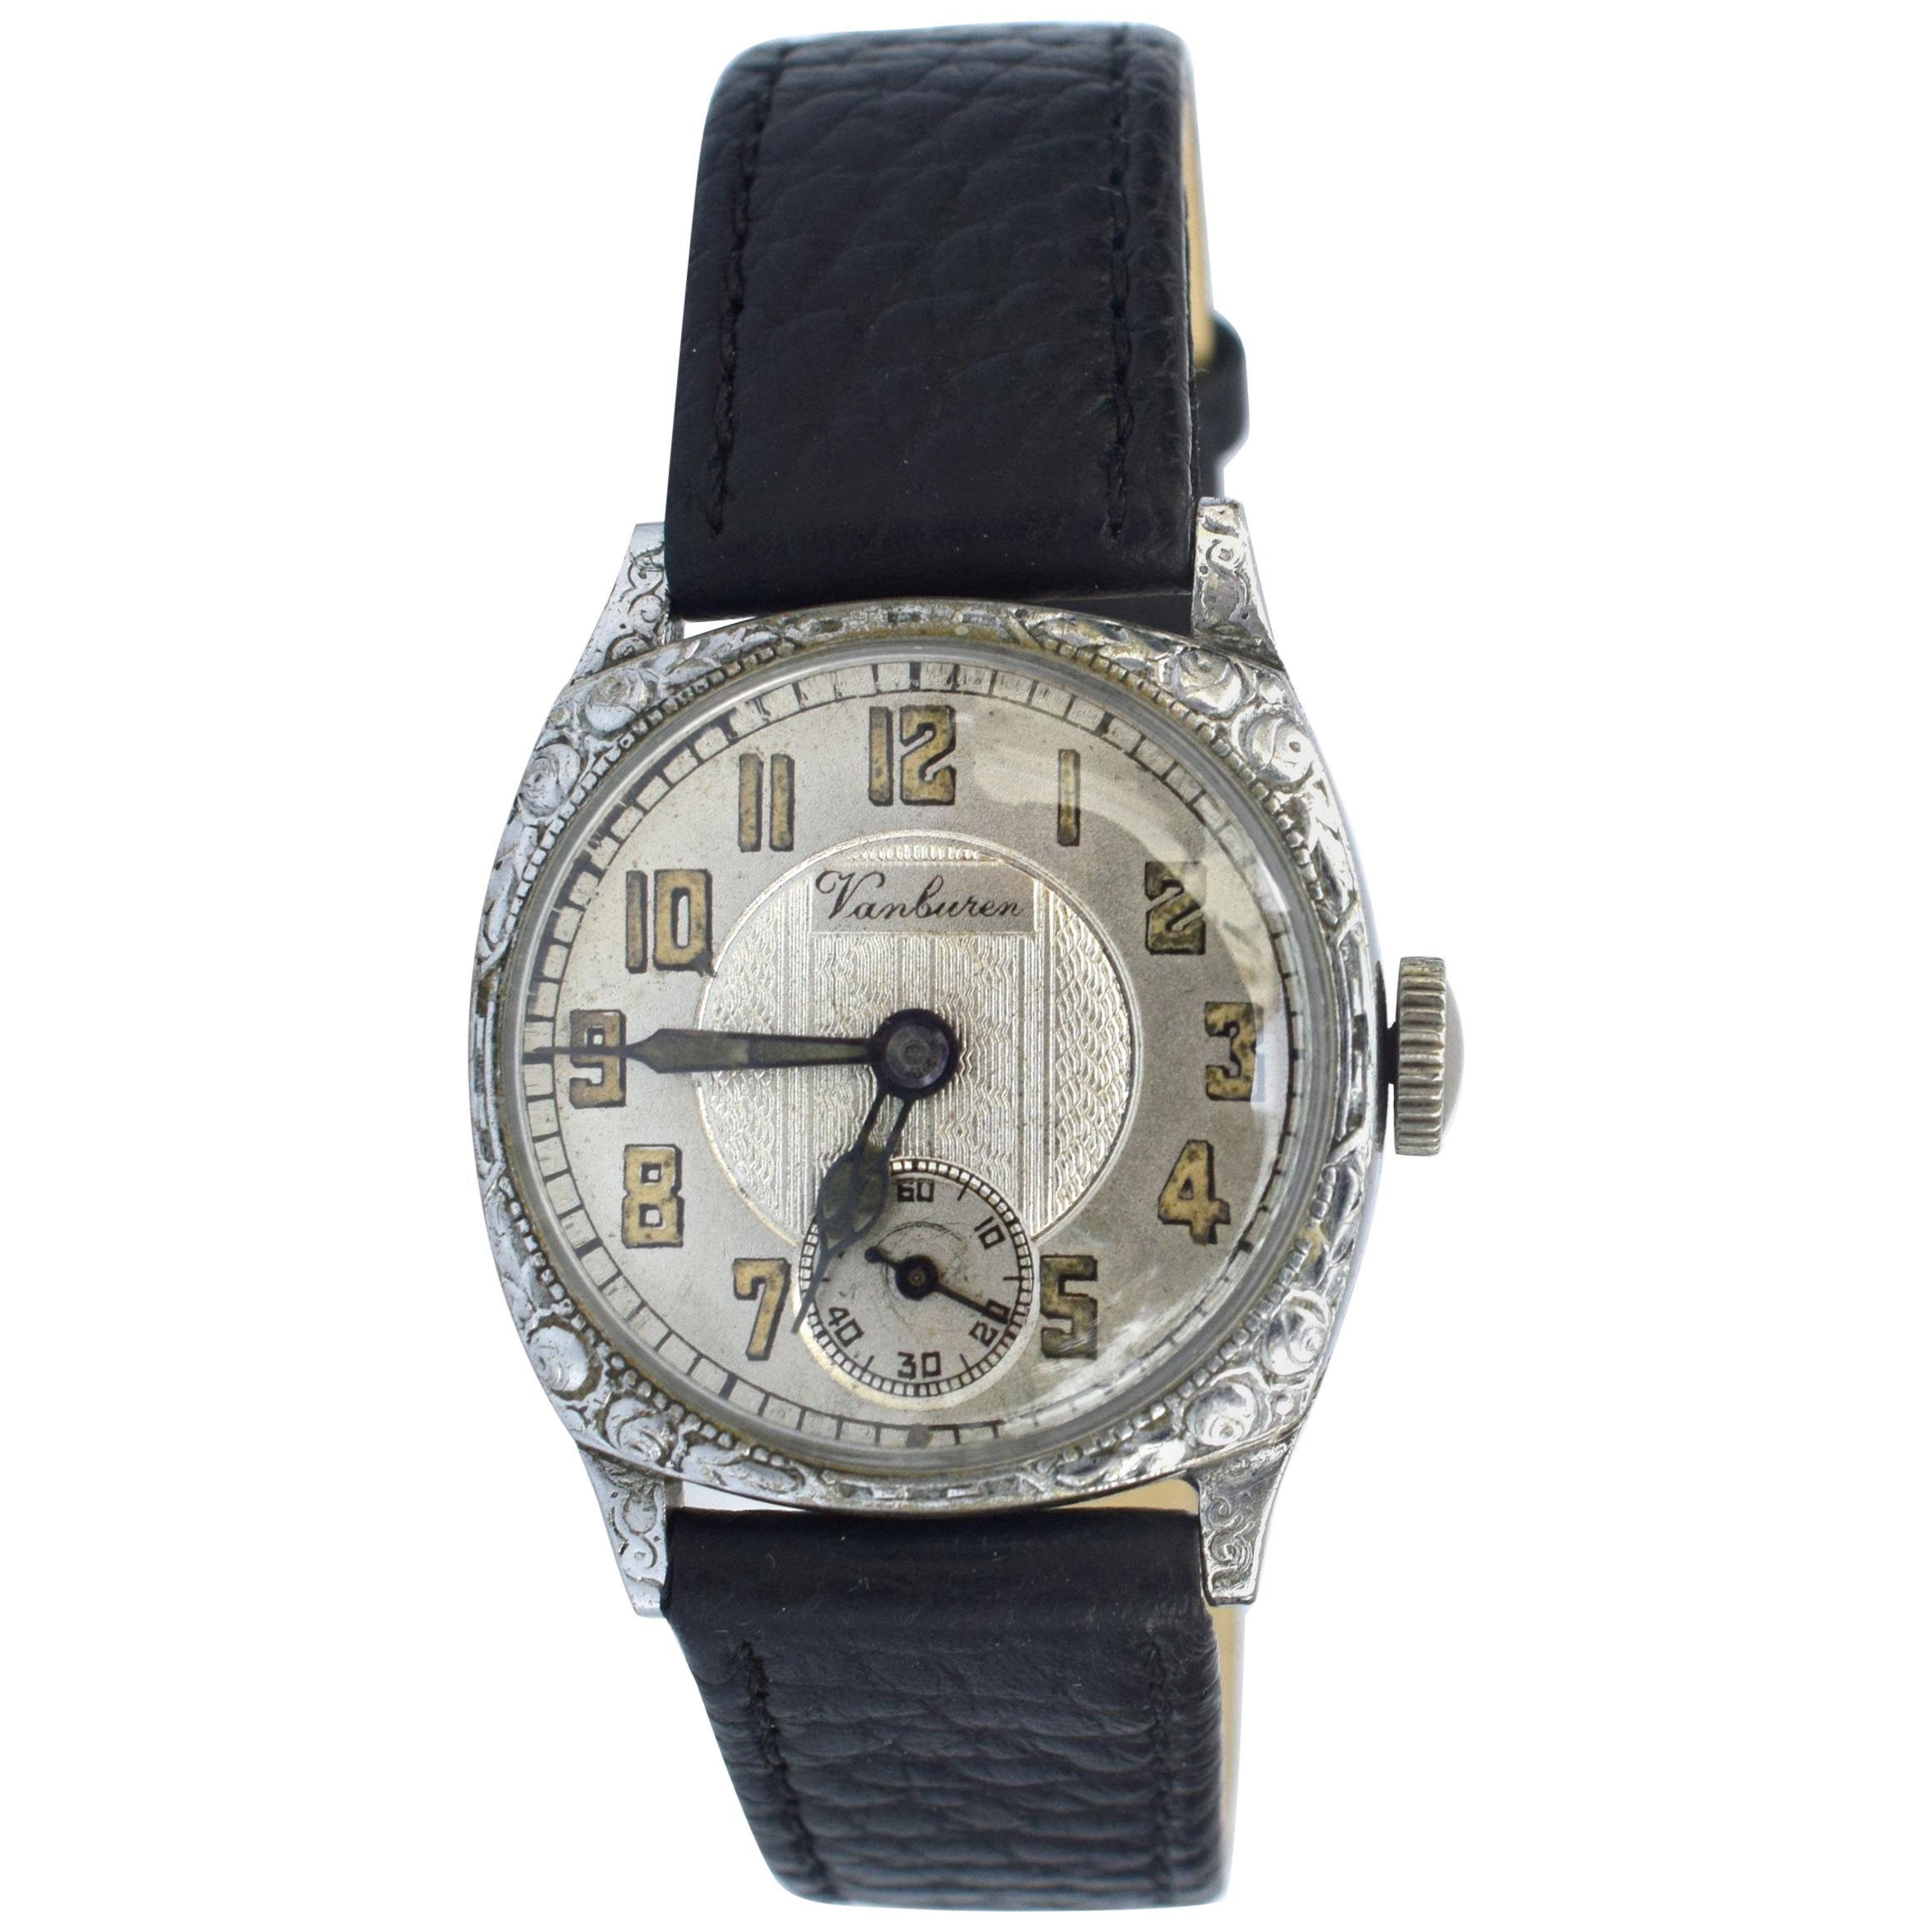 Art Deco Vanburen Gents Manual Wristwatch, circa 1930s